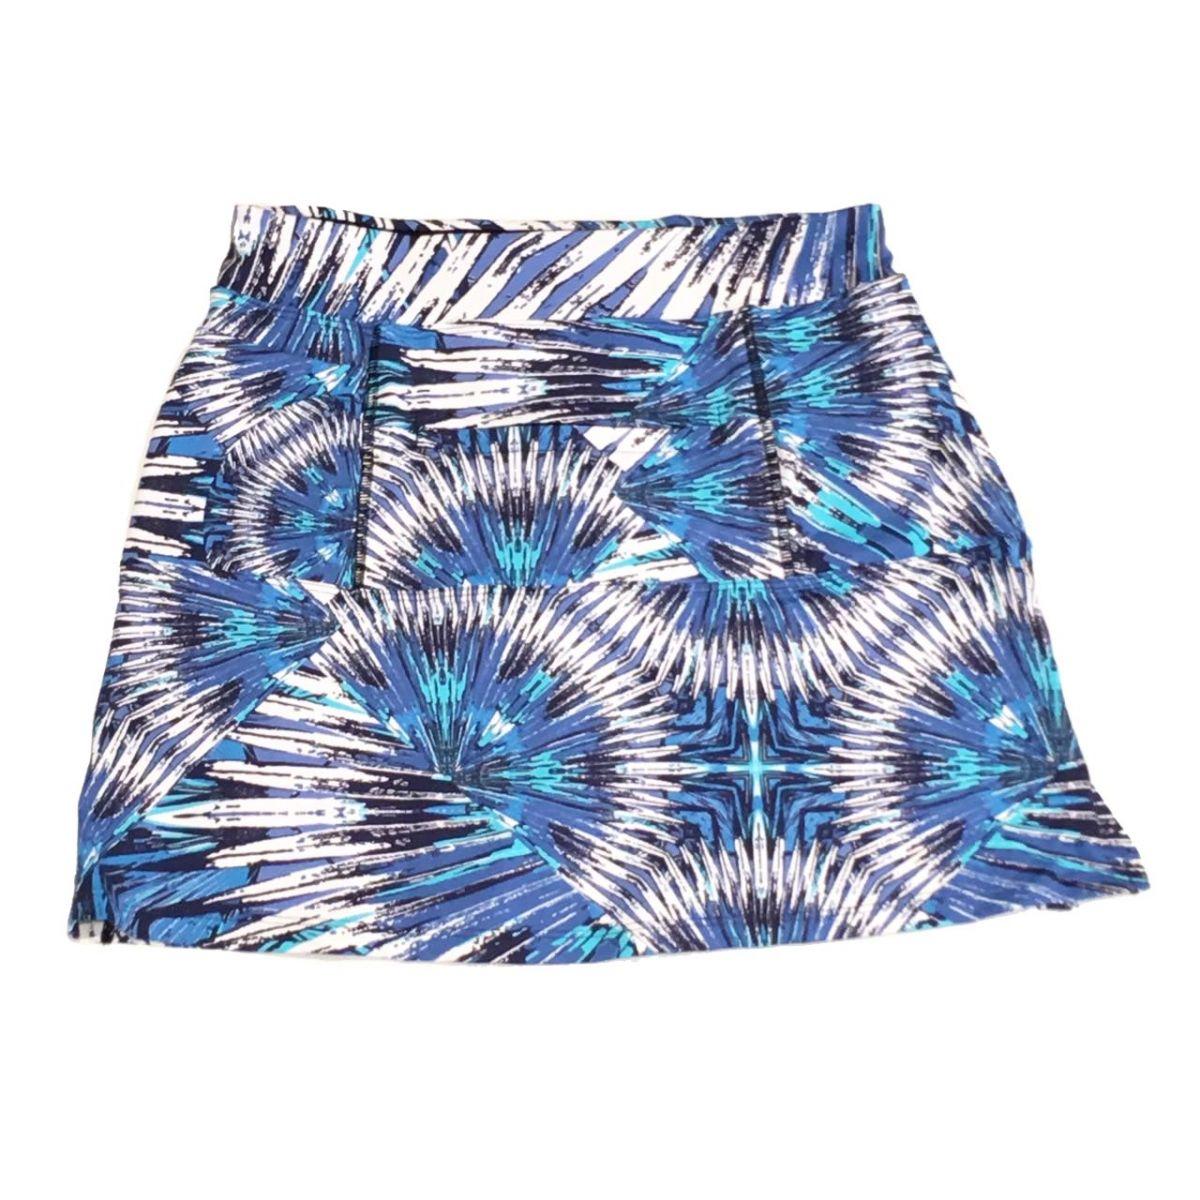 Saia fitness mil bolsos estampa penas azul (5 bolsos)